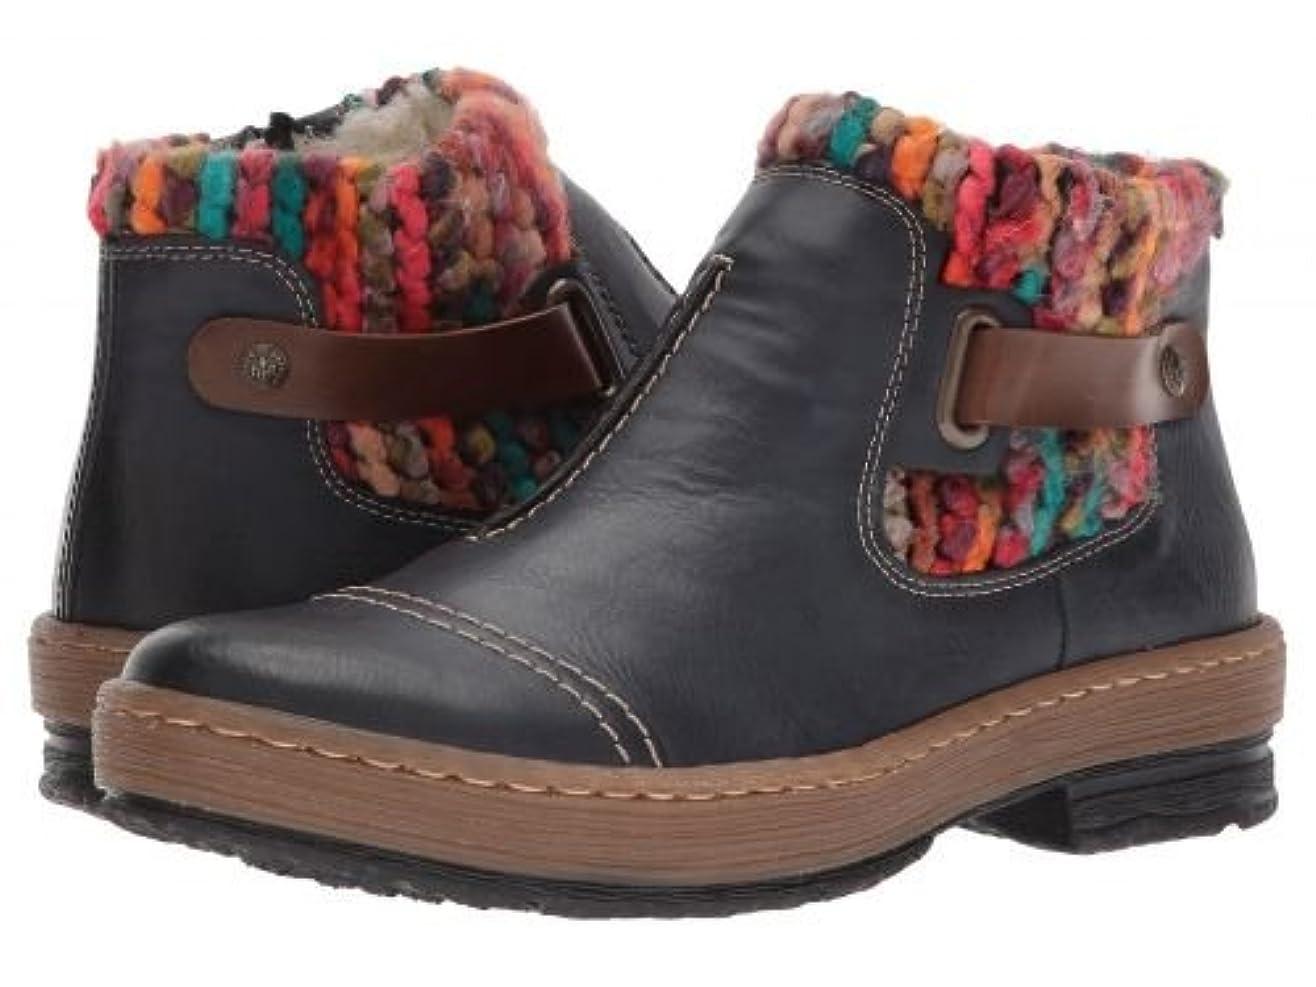 案件ピービッシュ市区町村Rieker(リーカー) レディース 女性用 シューズ 靴 ブーツ アンクルブーツ ショート Z6784 - Ozean/Mogano/Multi [並行輸入品]